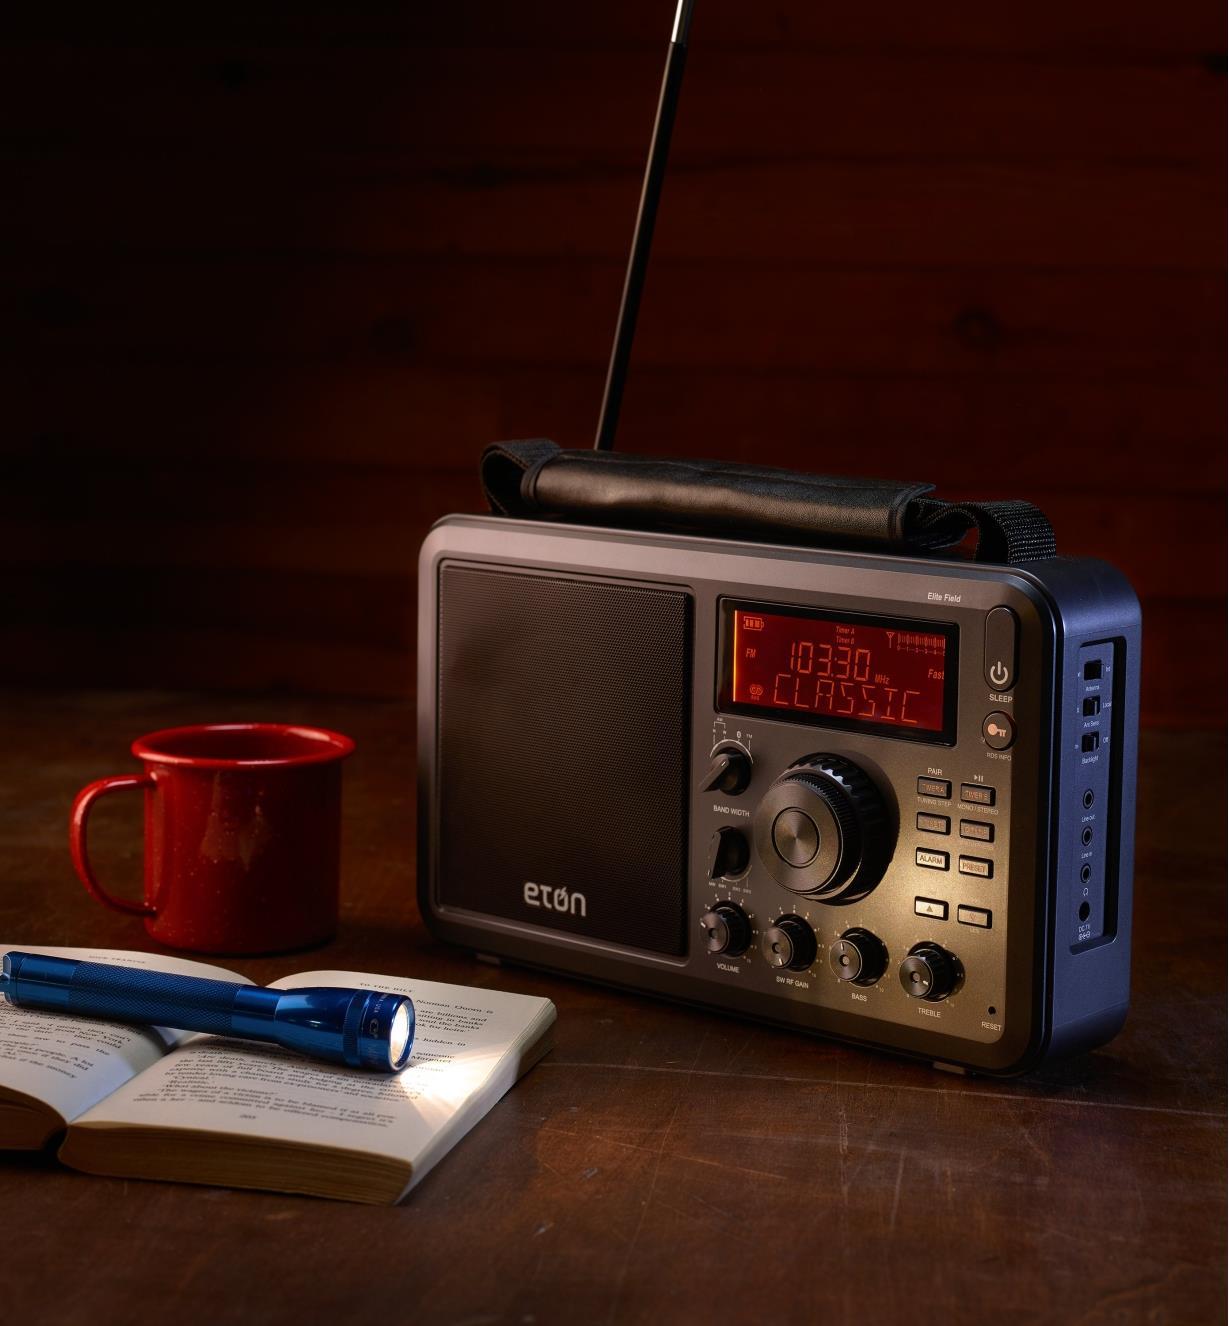 Eton AM/FM shortwave radio in a remote cabin